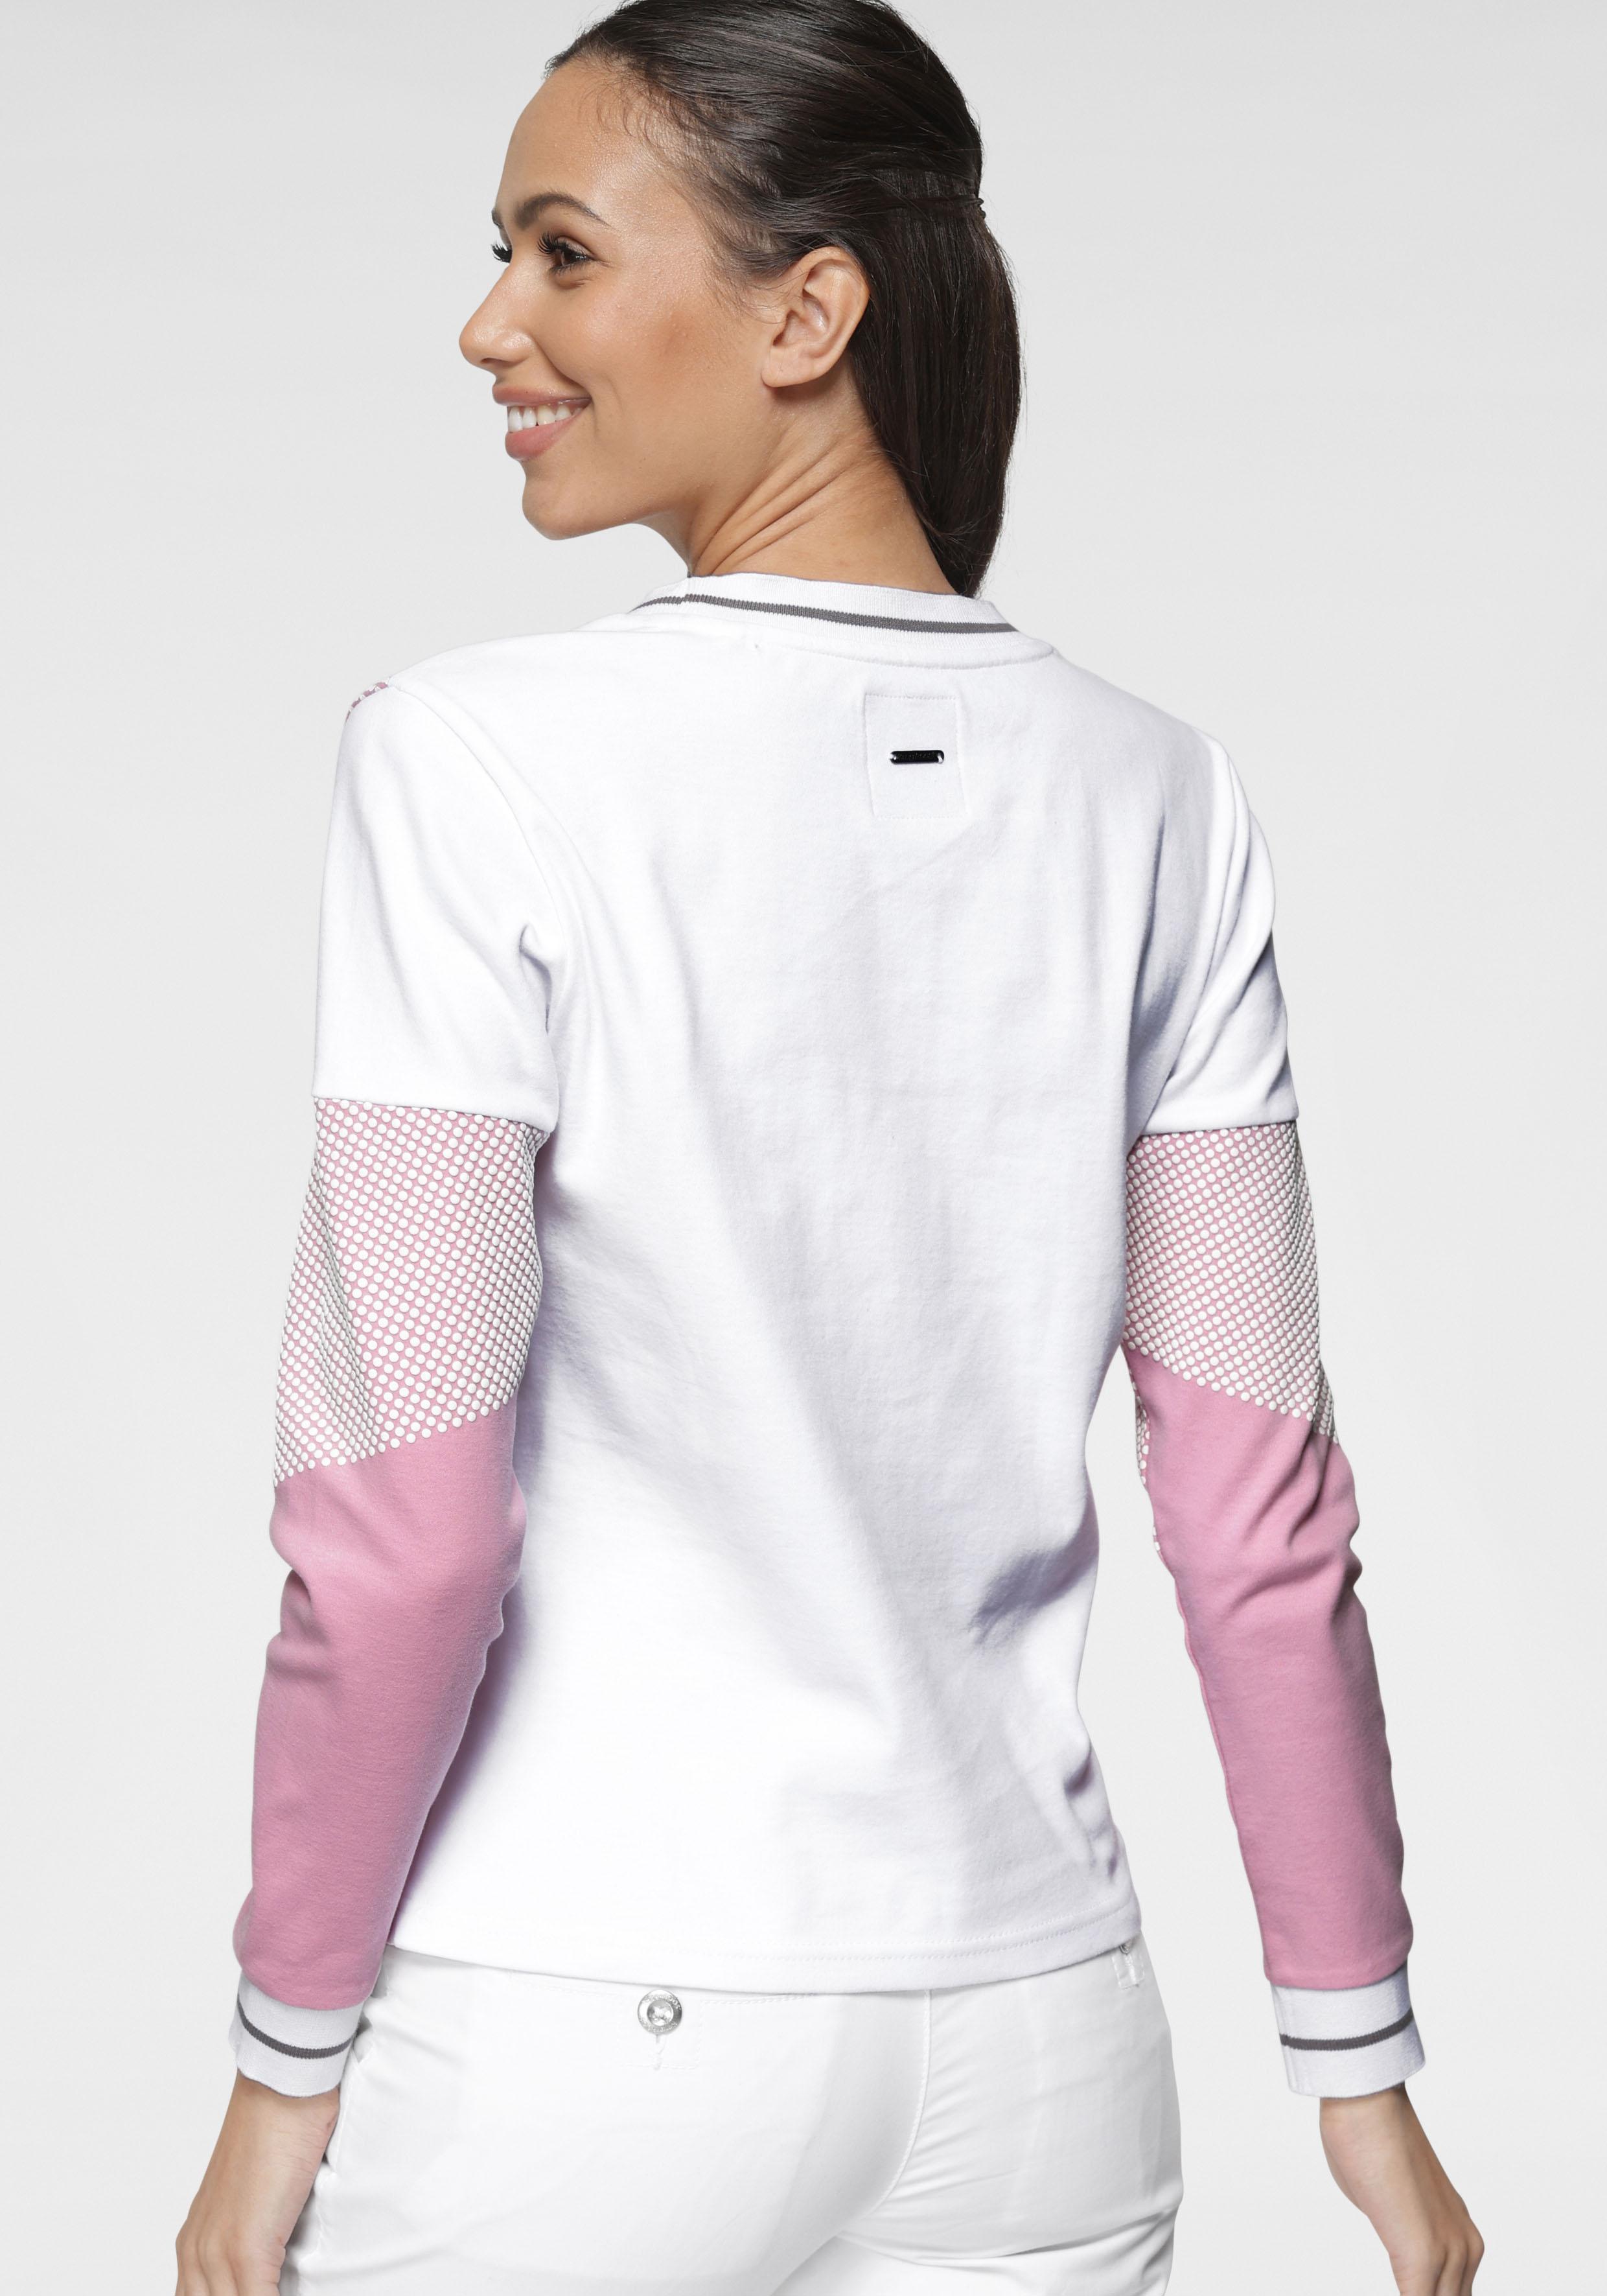 kangaroos -  Sweatshirt, im Colorblocking-Design mit Pünktchen